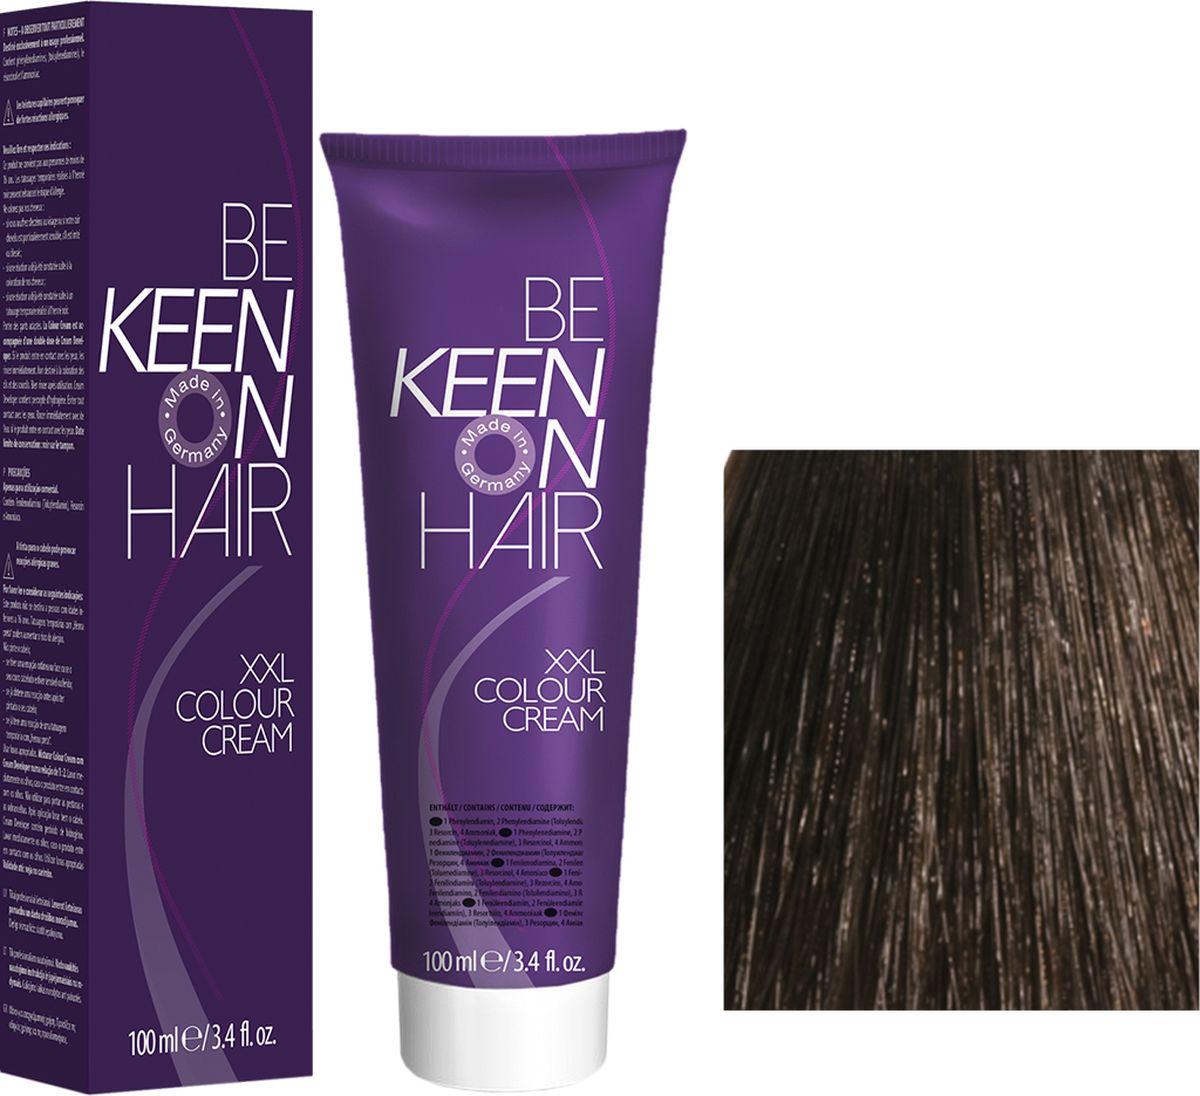 Keen Краска для волос 5.0 Светло-коричневый Hellbraun, 100 мл69100018Модные оттенкиБолее 100 оттенков для креативной комбинации цветов.ЭкономичностьПри использовании тюбика 100 мл вы получаете оптимальное соотношение цены и качества!УходМолочный белок поддерживает структуру волоса во время окрашивания и придает волосам блеск и шелковистость. Протеины хорошо встраиваются в волосы и снабжают их влагой.